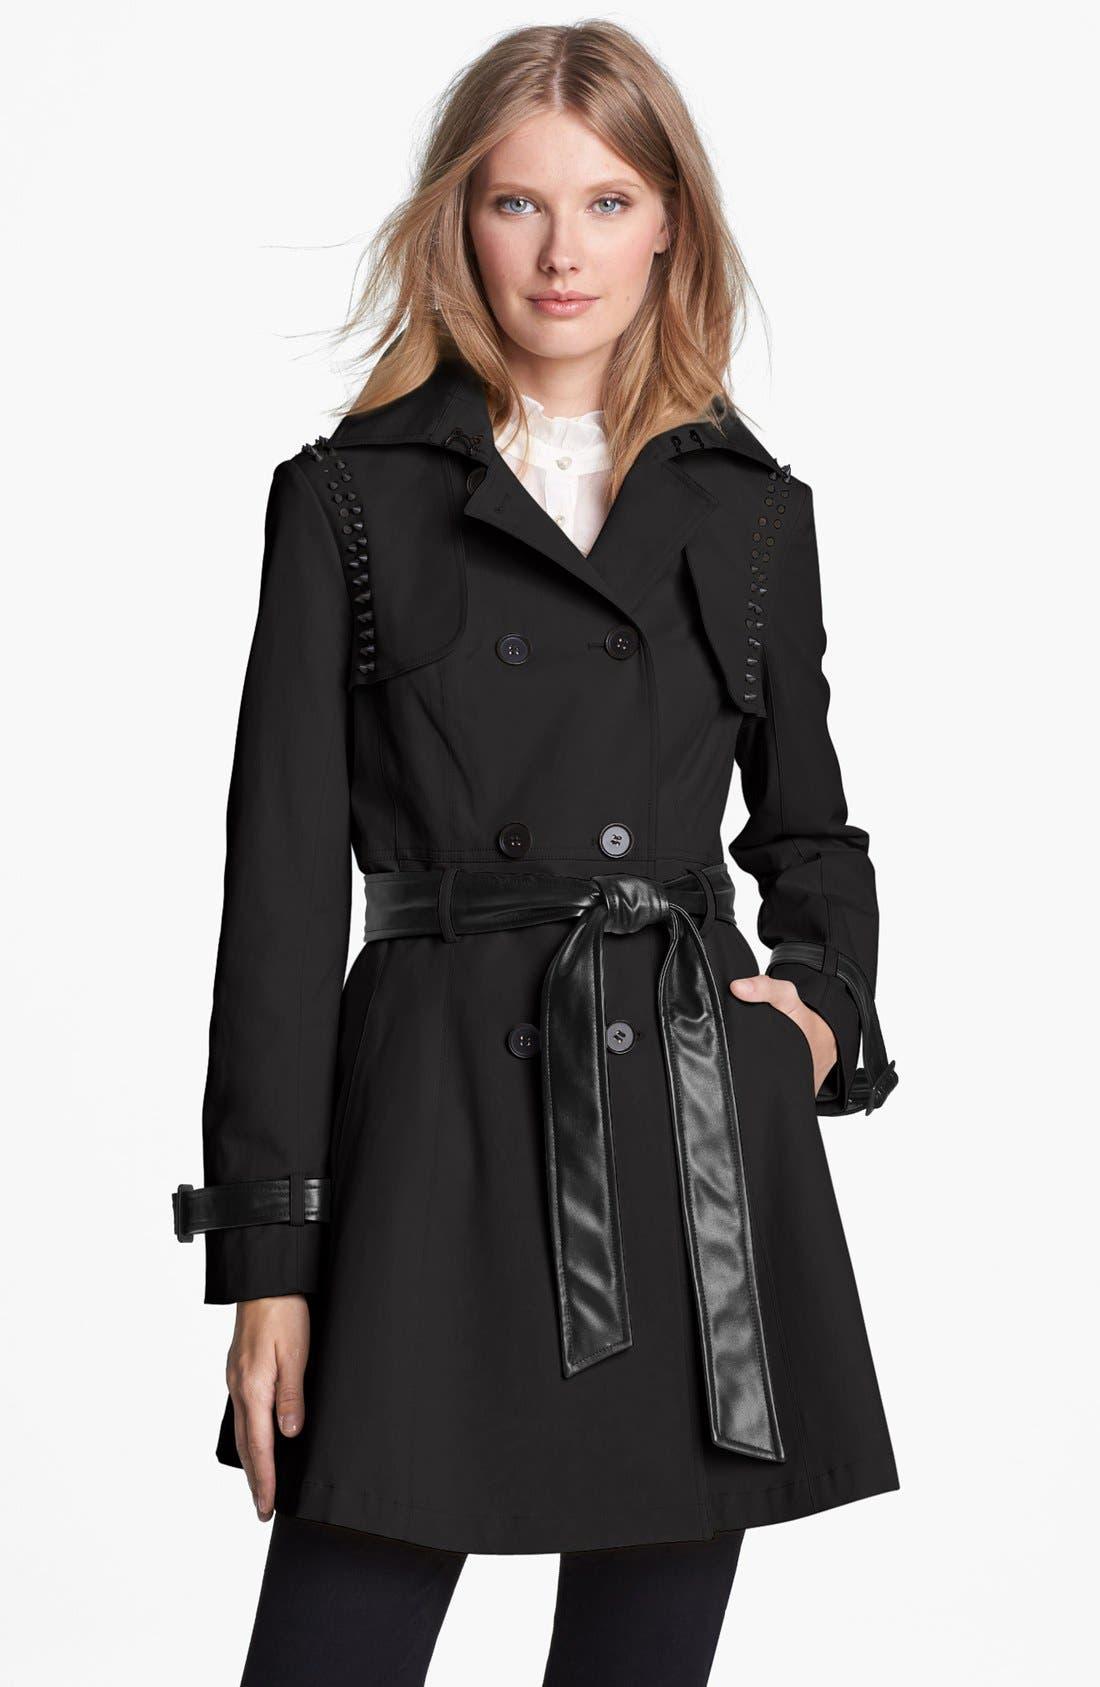 BLANC NOIR, Stud & Faux Leather Trim Trench Coat, Main thumbnail 1, color, 001